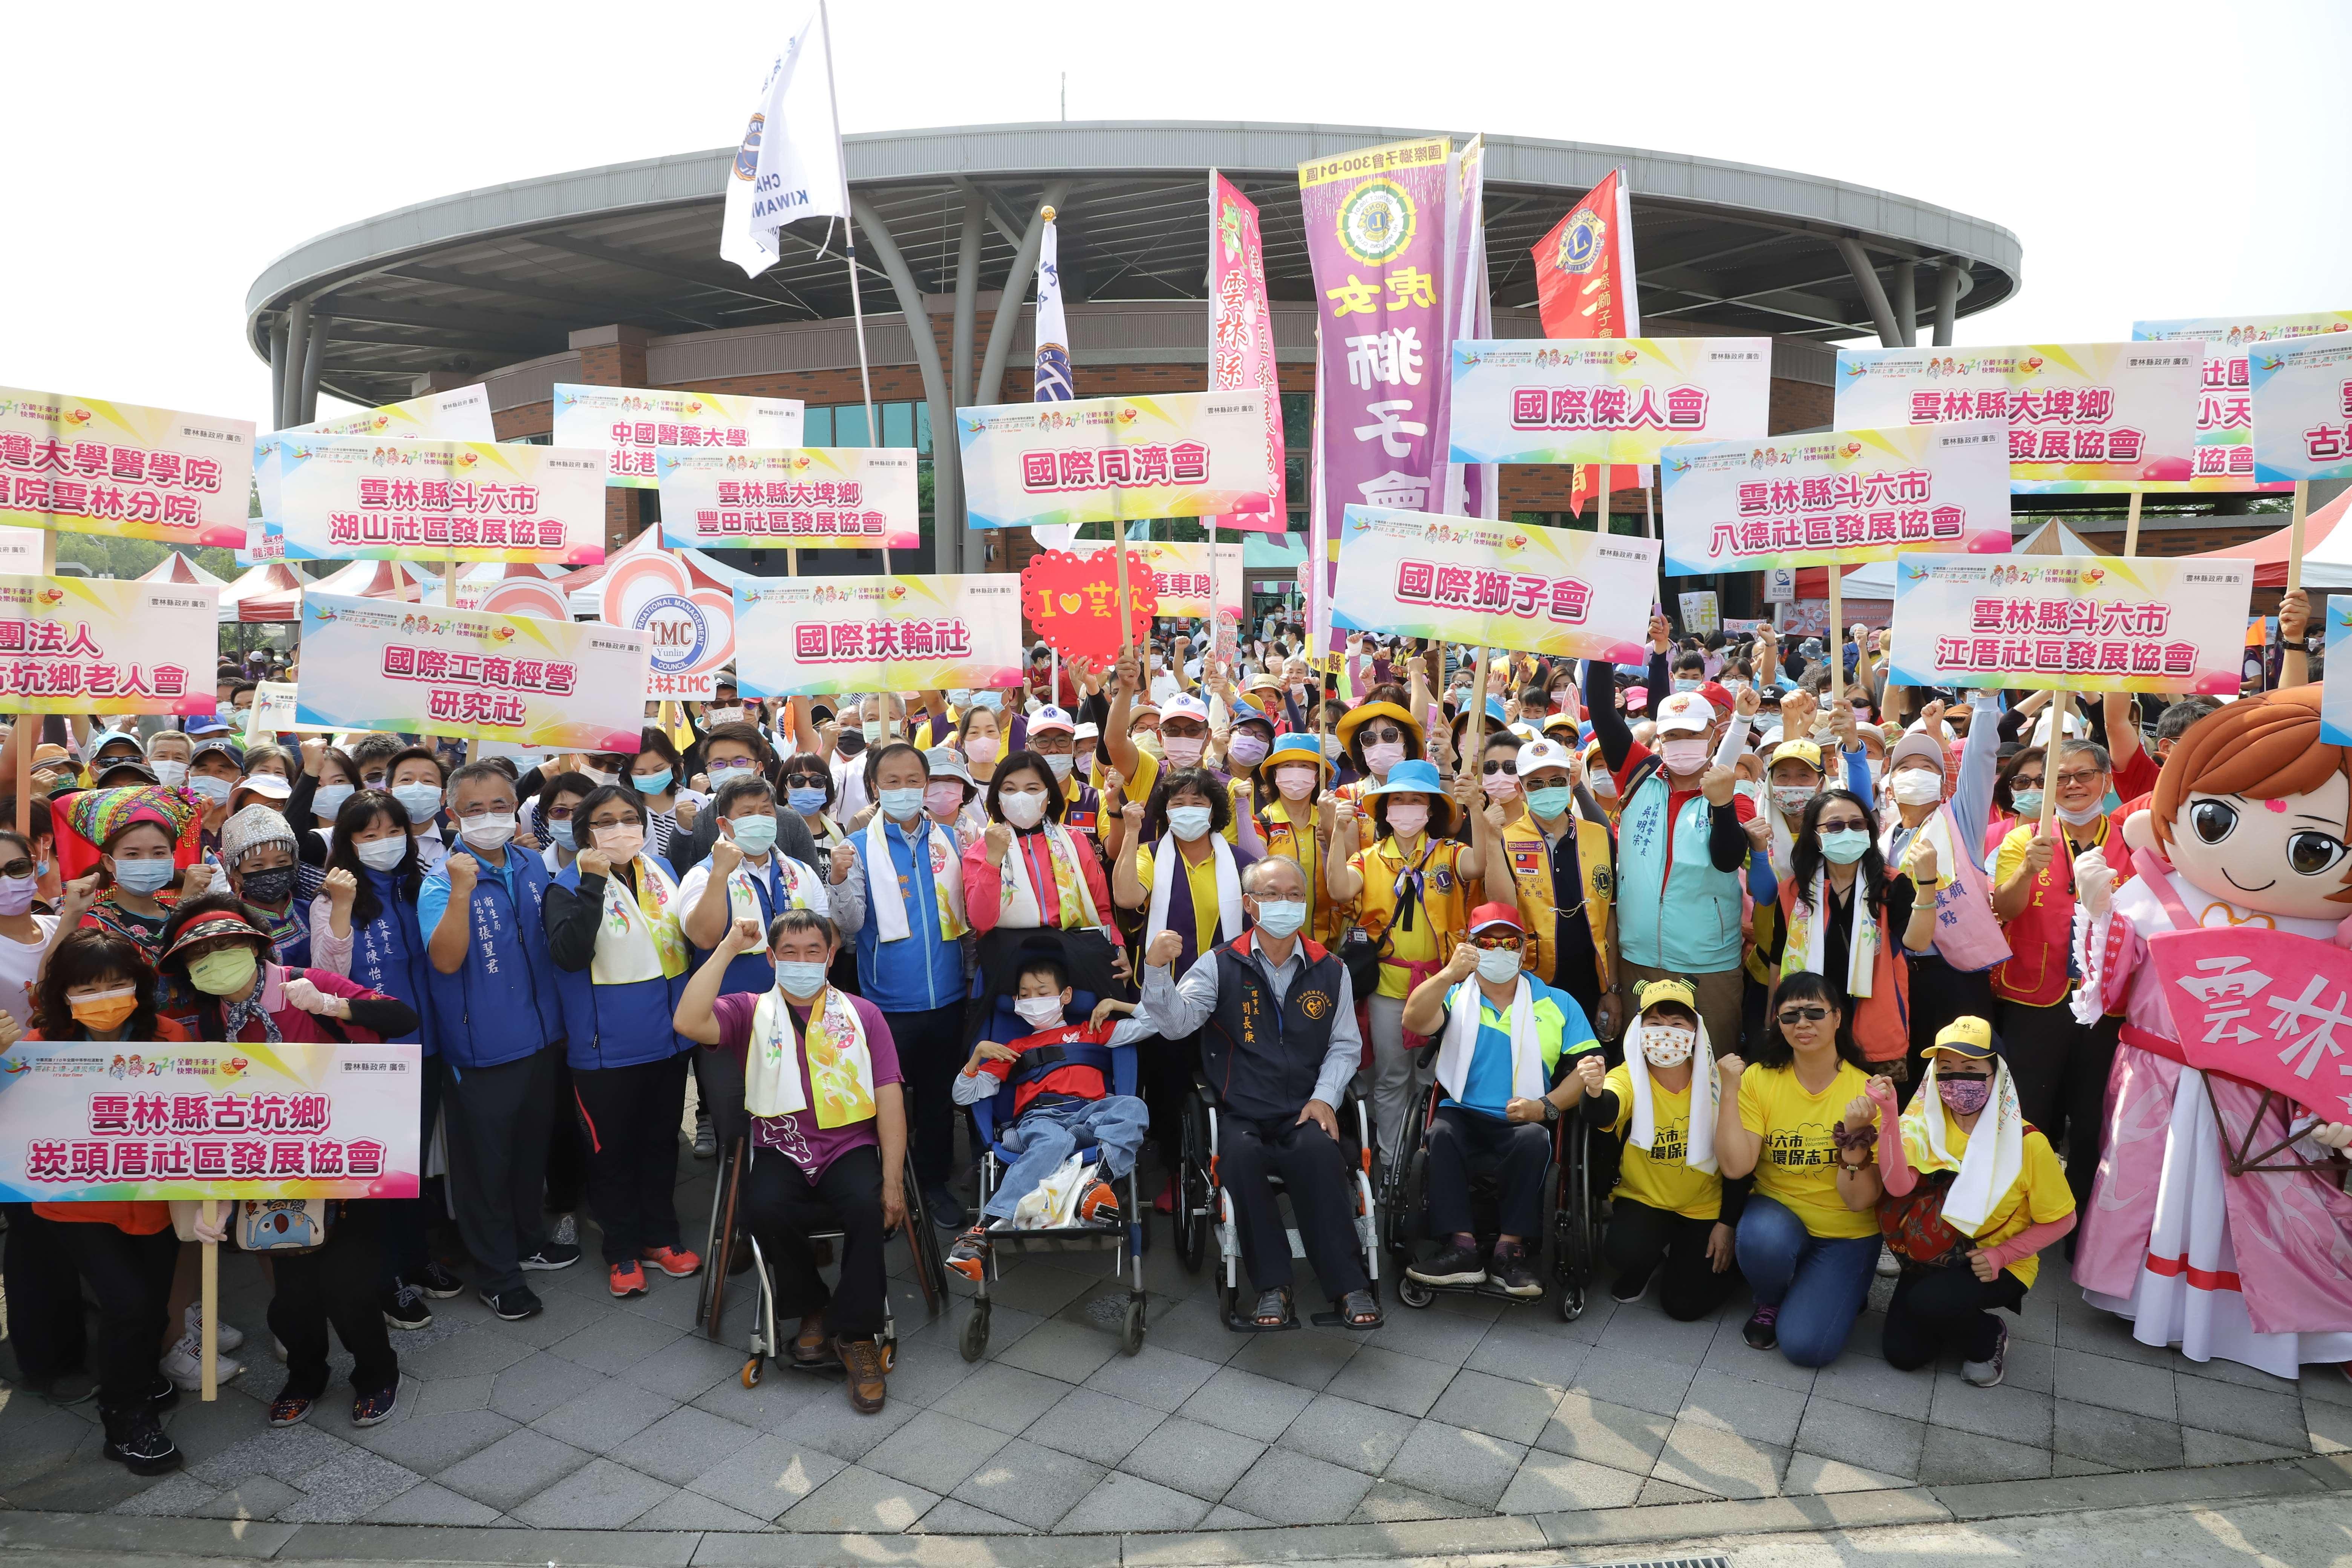 今日健走活動有來自34個社團、600多人參與,氣氛熱鬧。